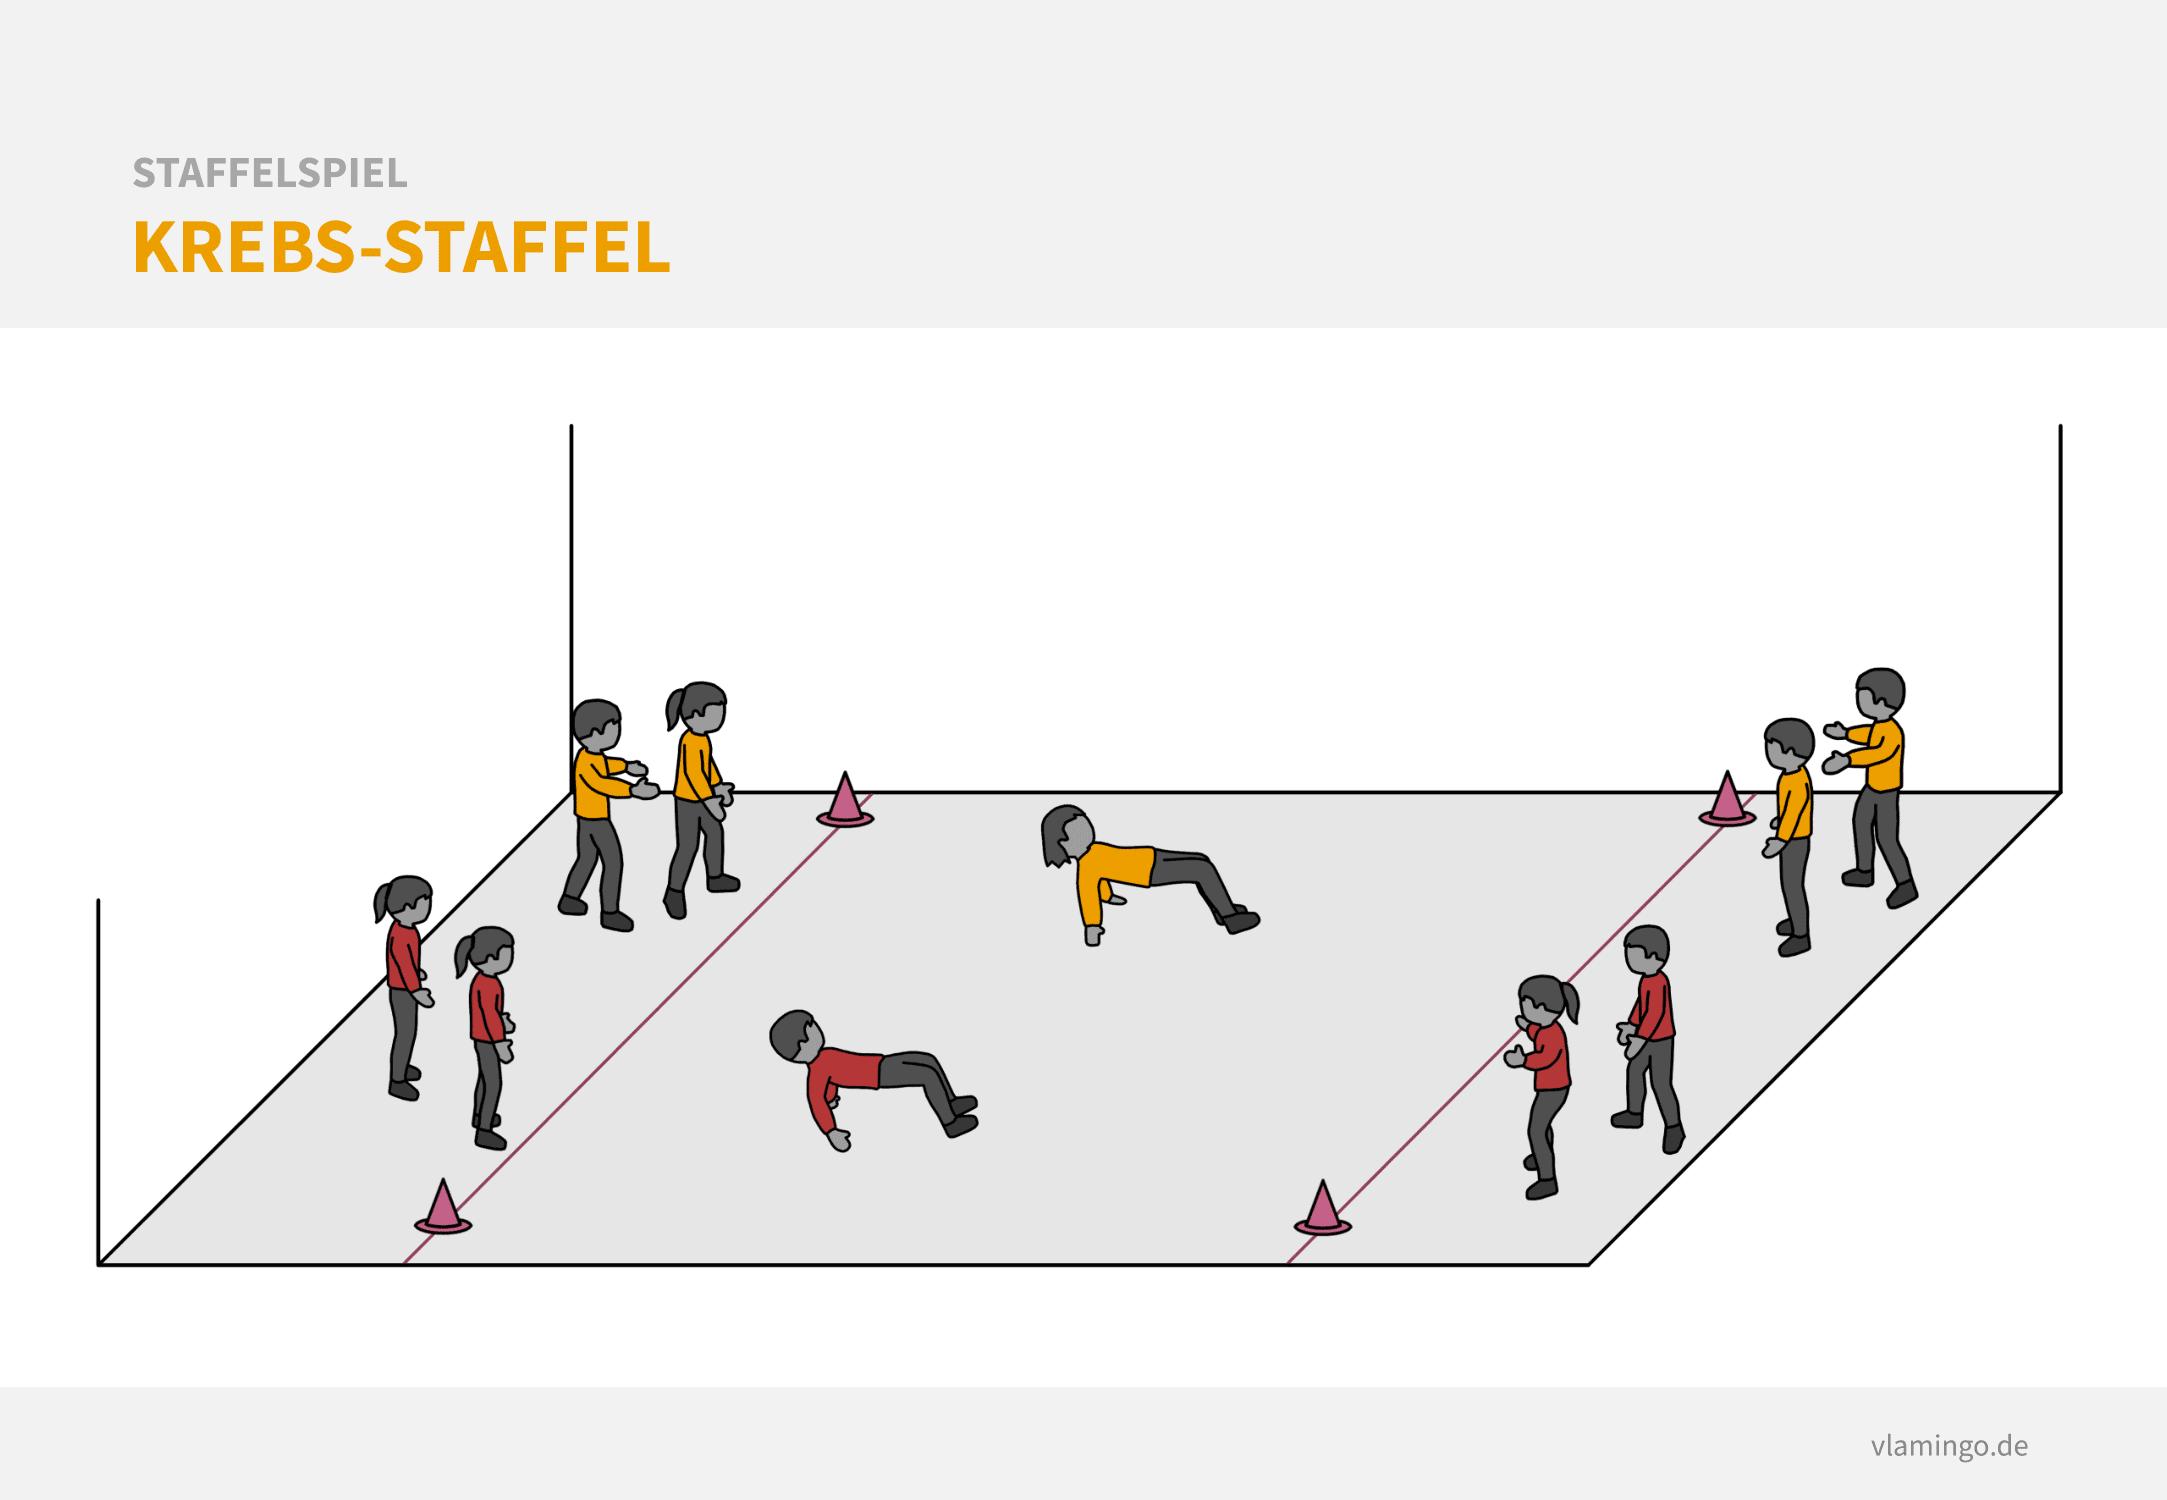 Staffelspiel - Krebs-Staffel